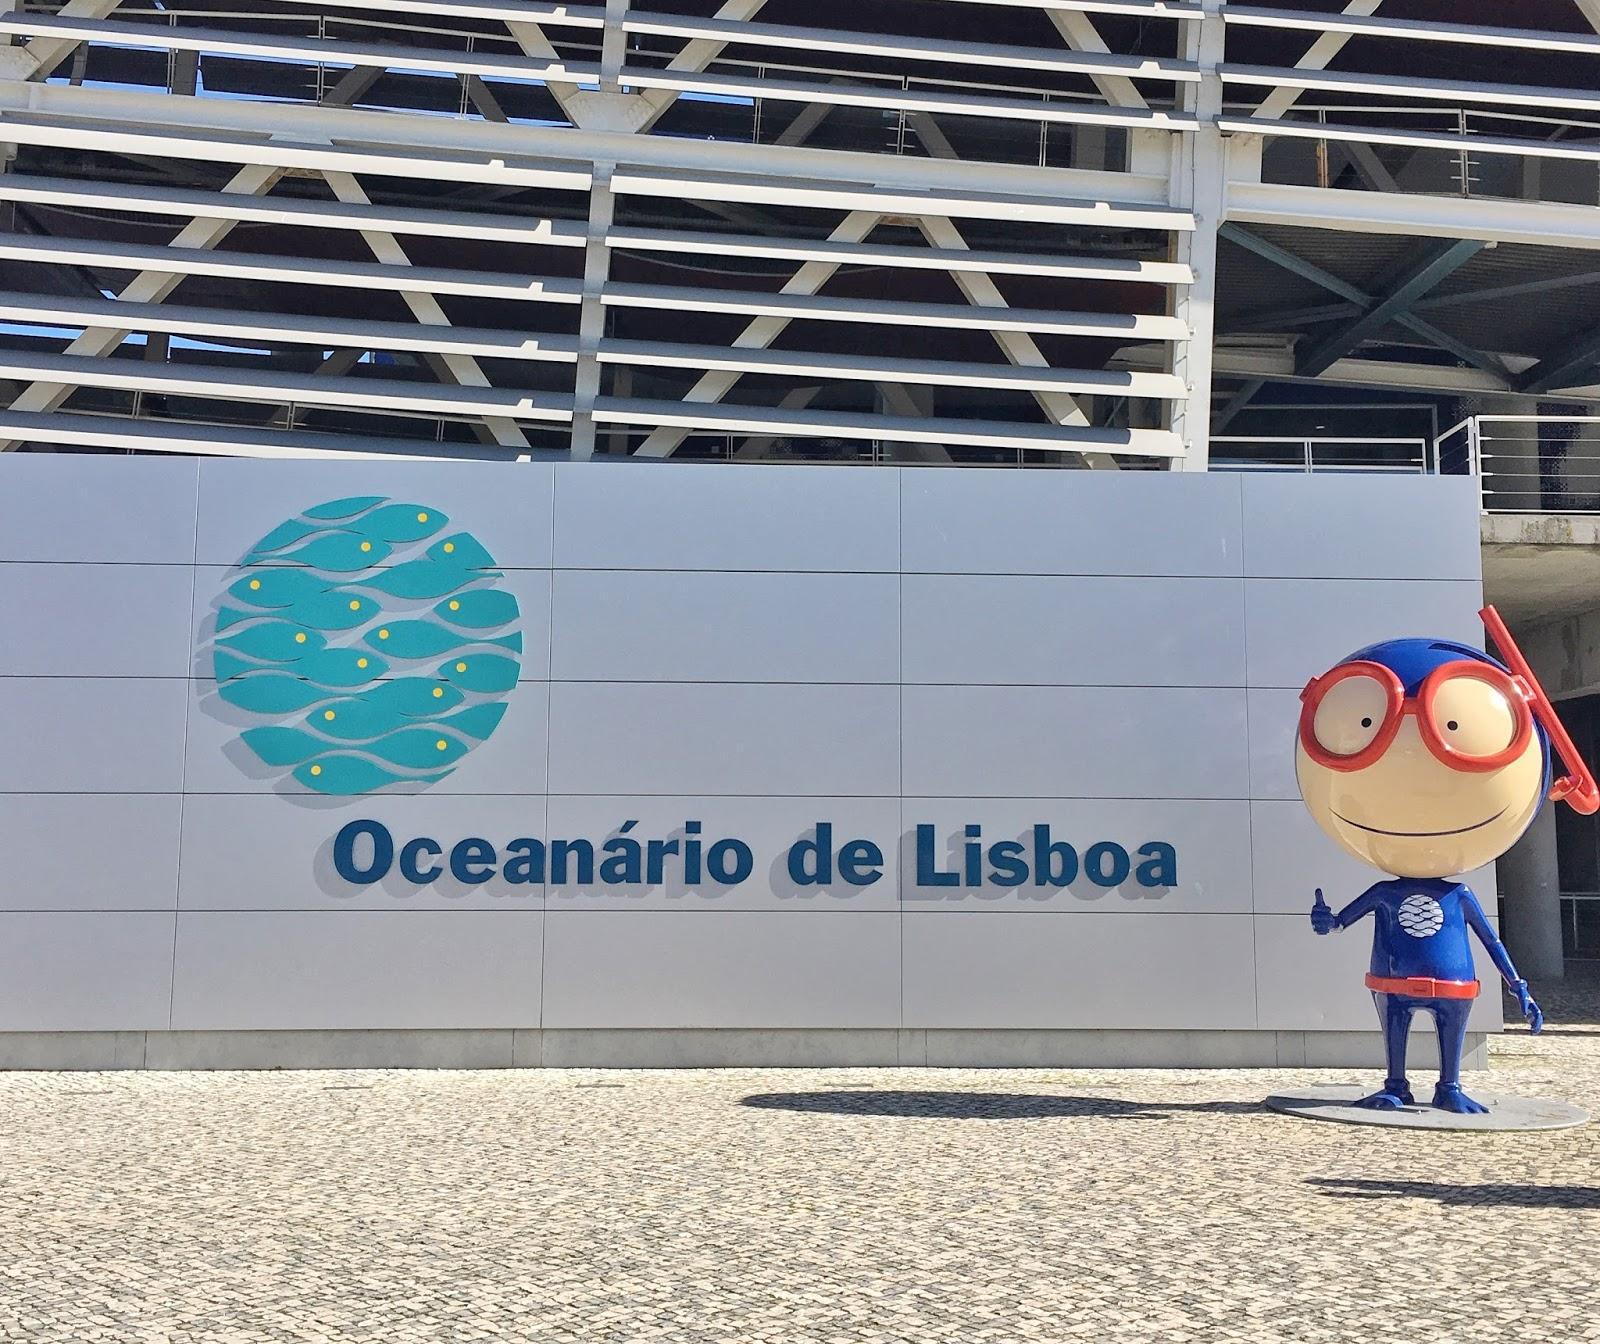 Oceanário, Lisbon, Portugal